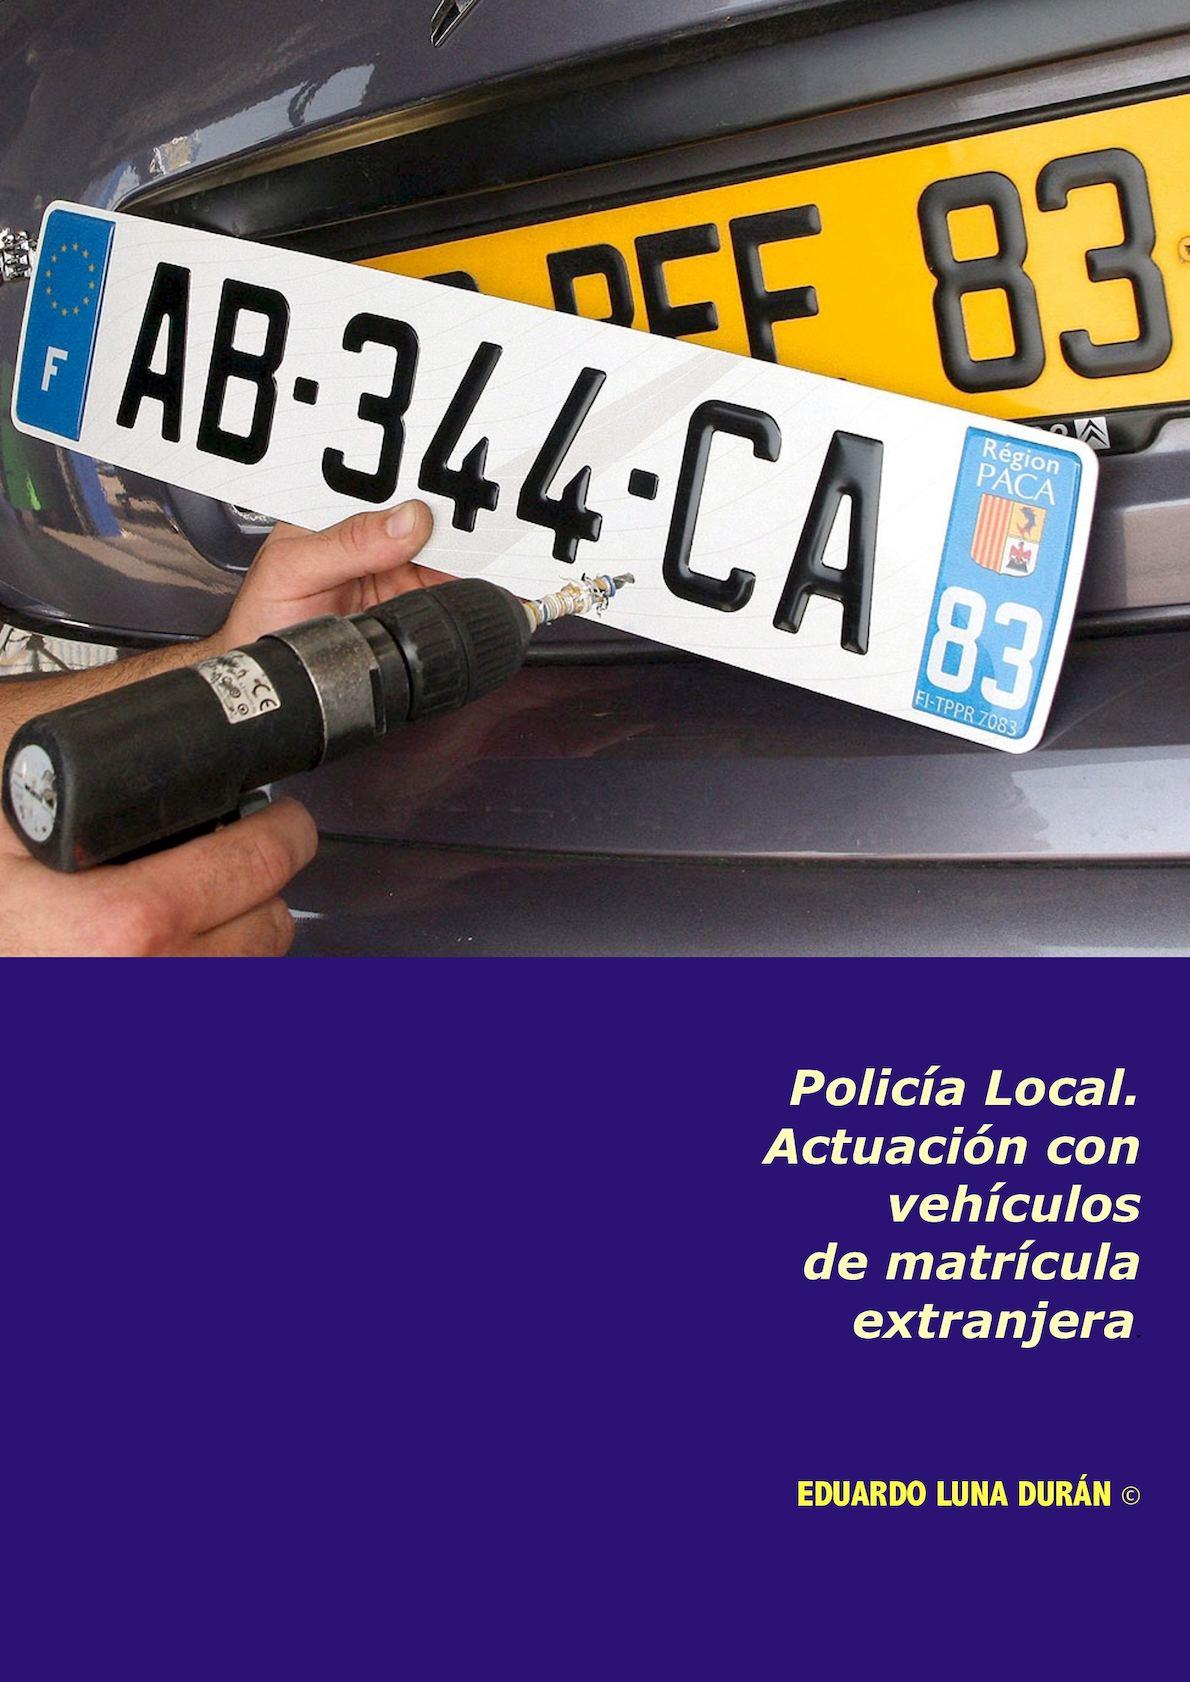 Calaméo - Policía Local Actuación Con Vehículos De Matricula Extranjera